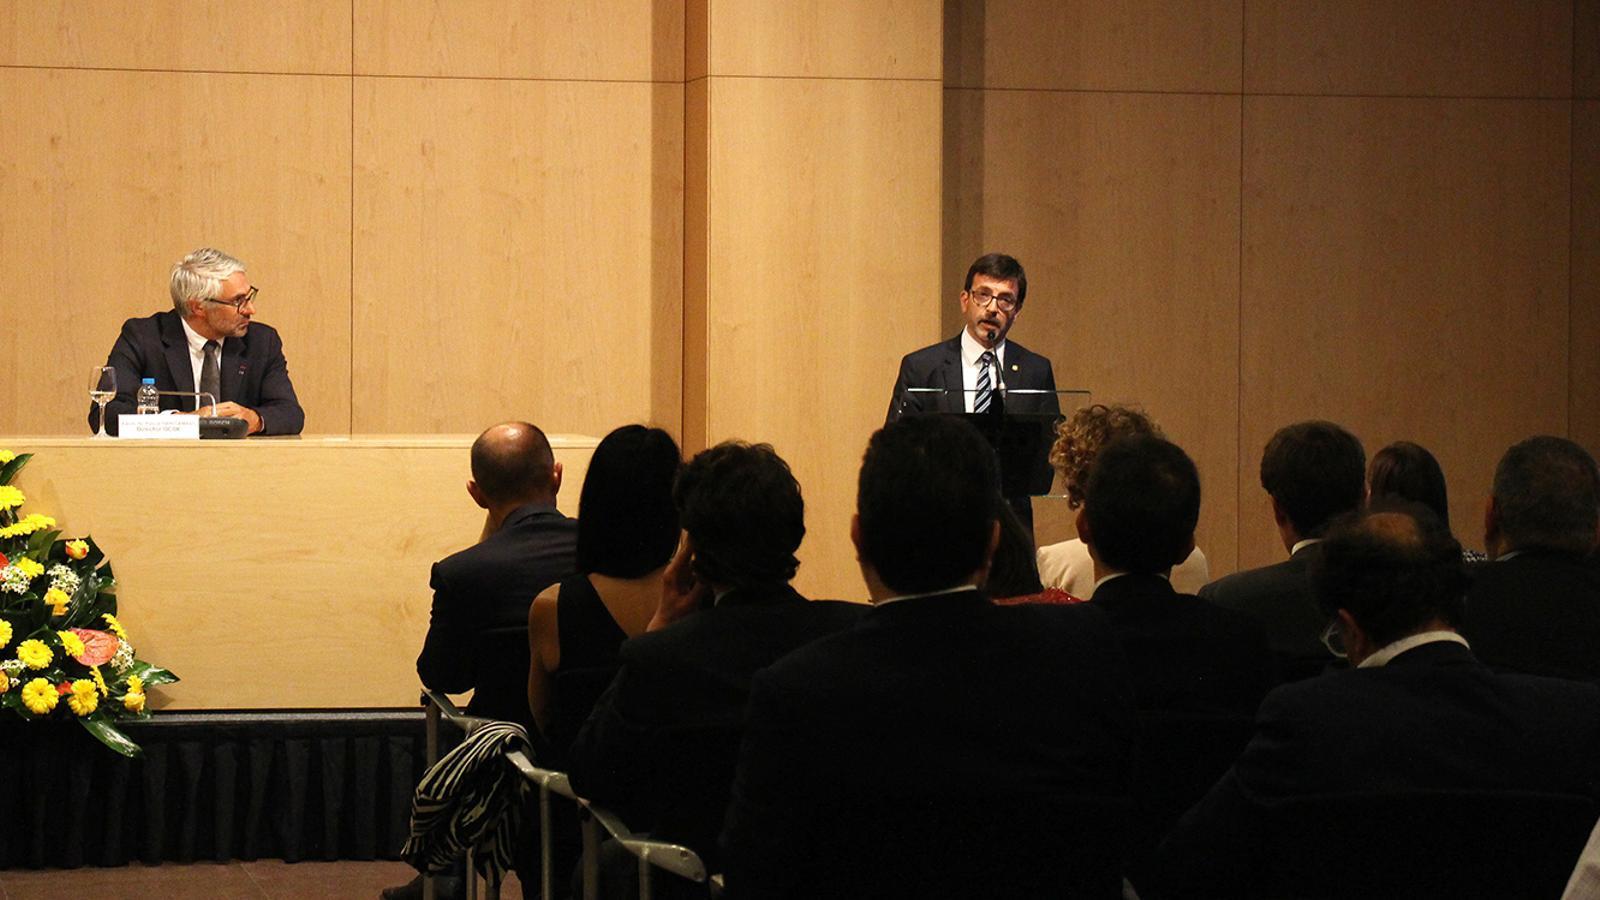 El ministre de Finances, Jordi Cinca, presenta la conferència que ha ofert el director del Centre de Política Tributària i Administració de l'OCDE, Pascal Saint-Amans. / M. F. (ANA)